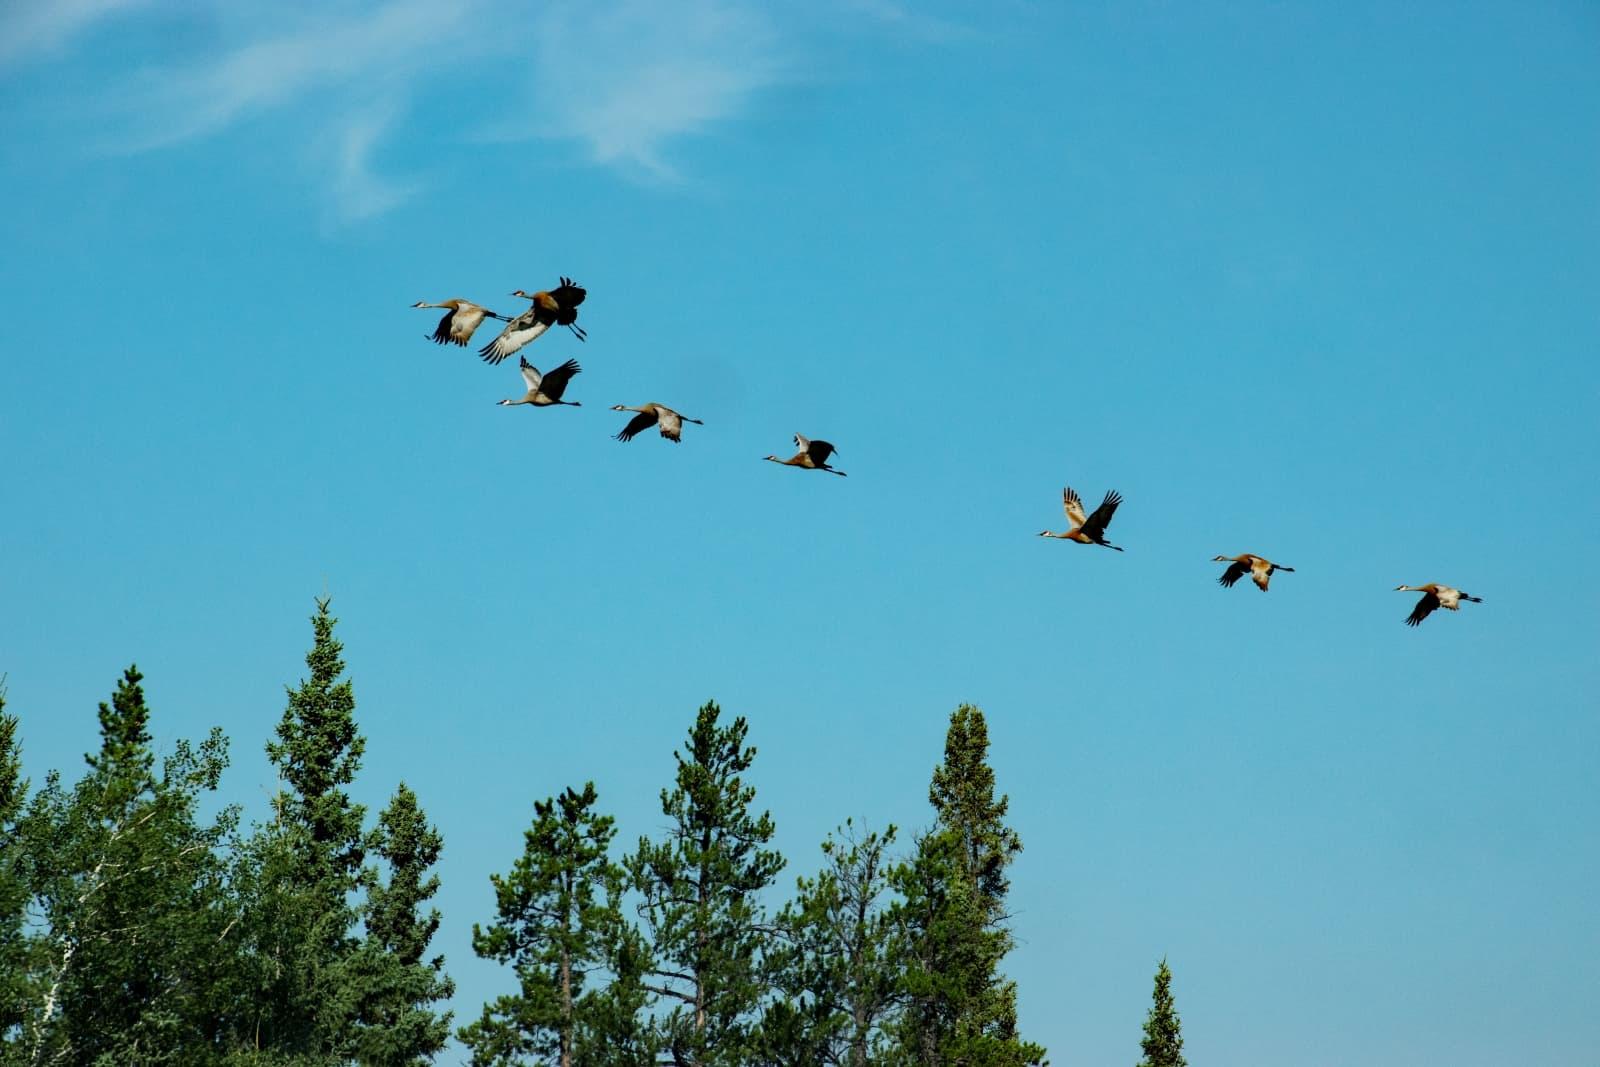 Die Ruhe, die Stille, eine eingeübte Choreographie des Vogelfluges. Die Northwest Territories halten mich in ihrem Bann. Foto Daniela Ganz